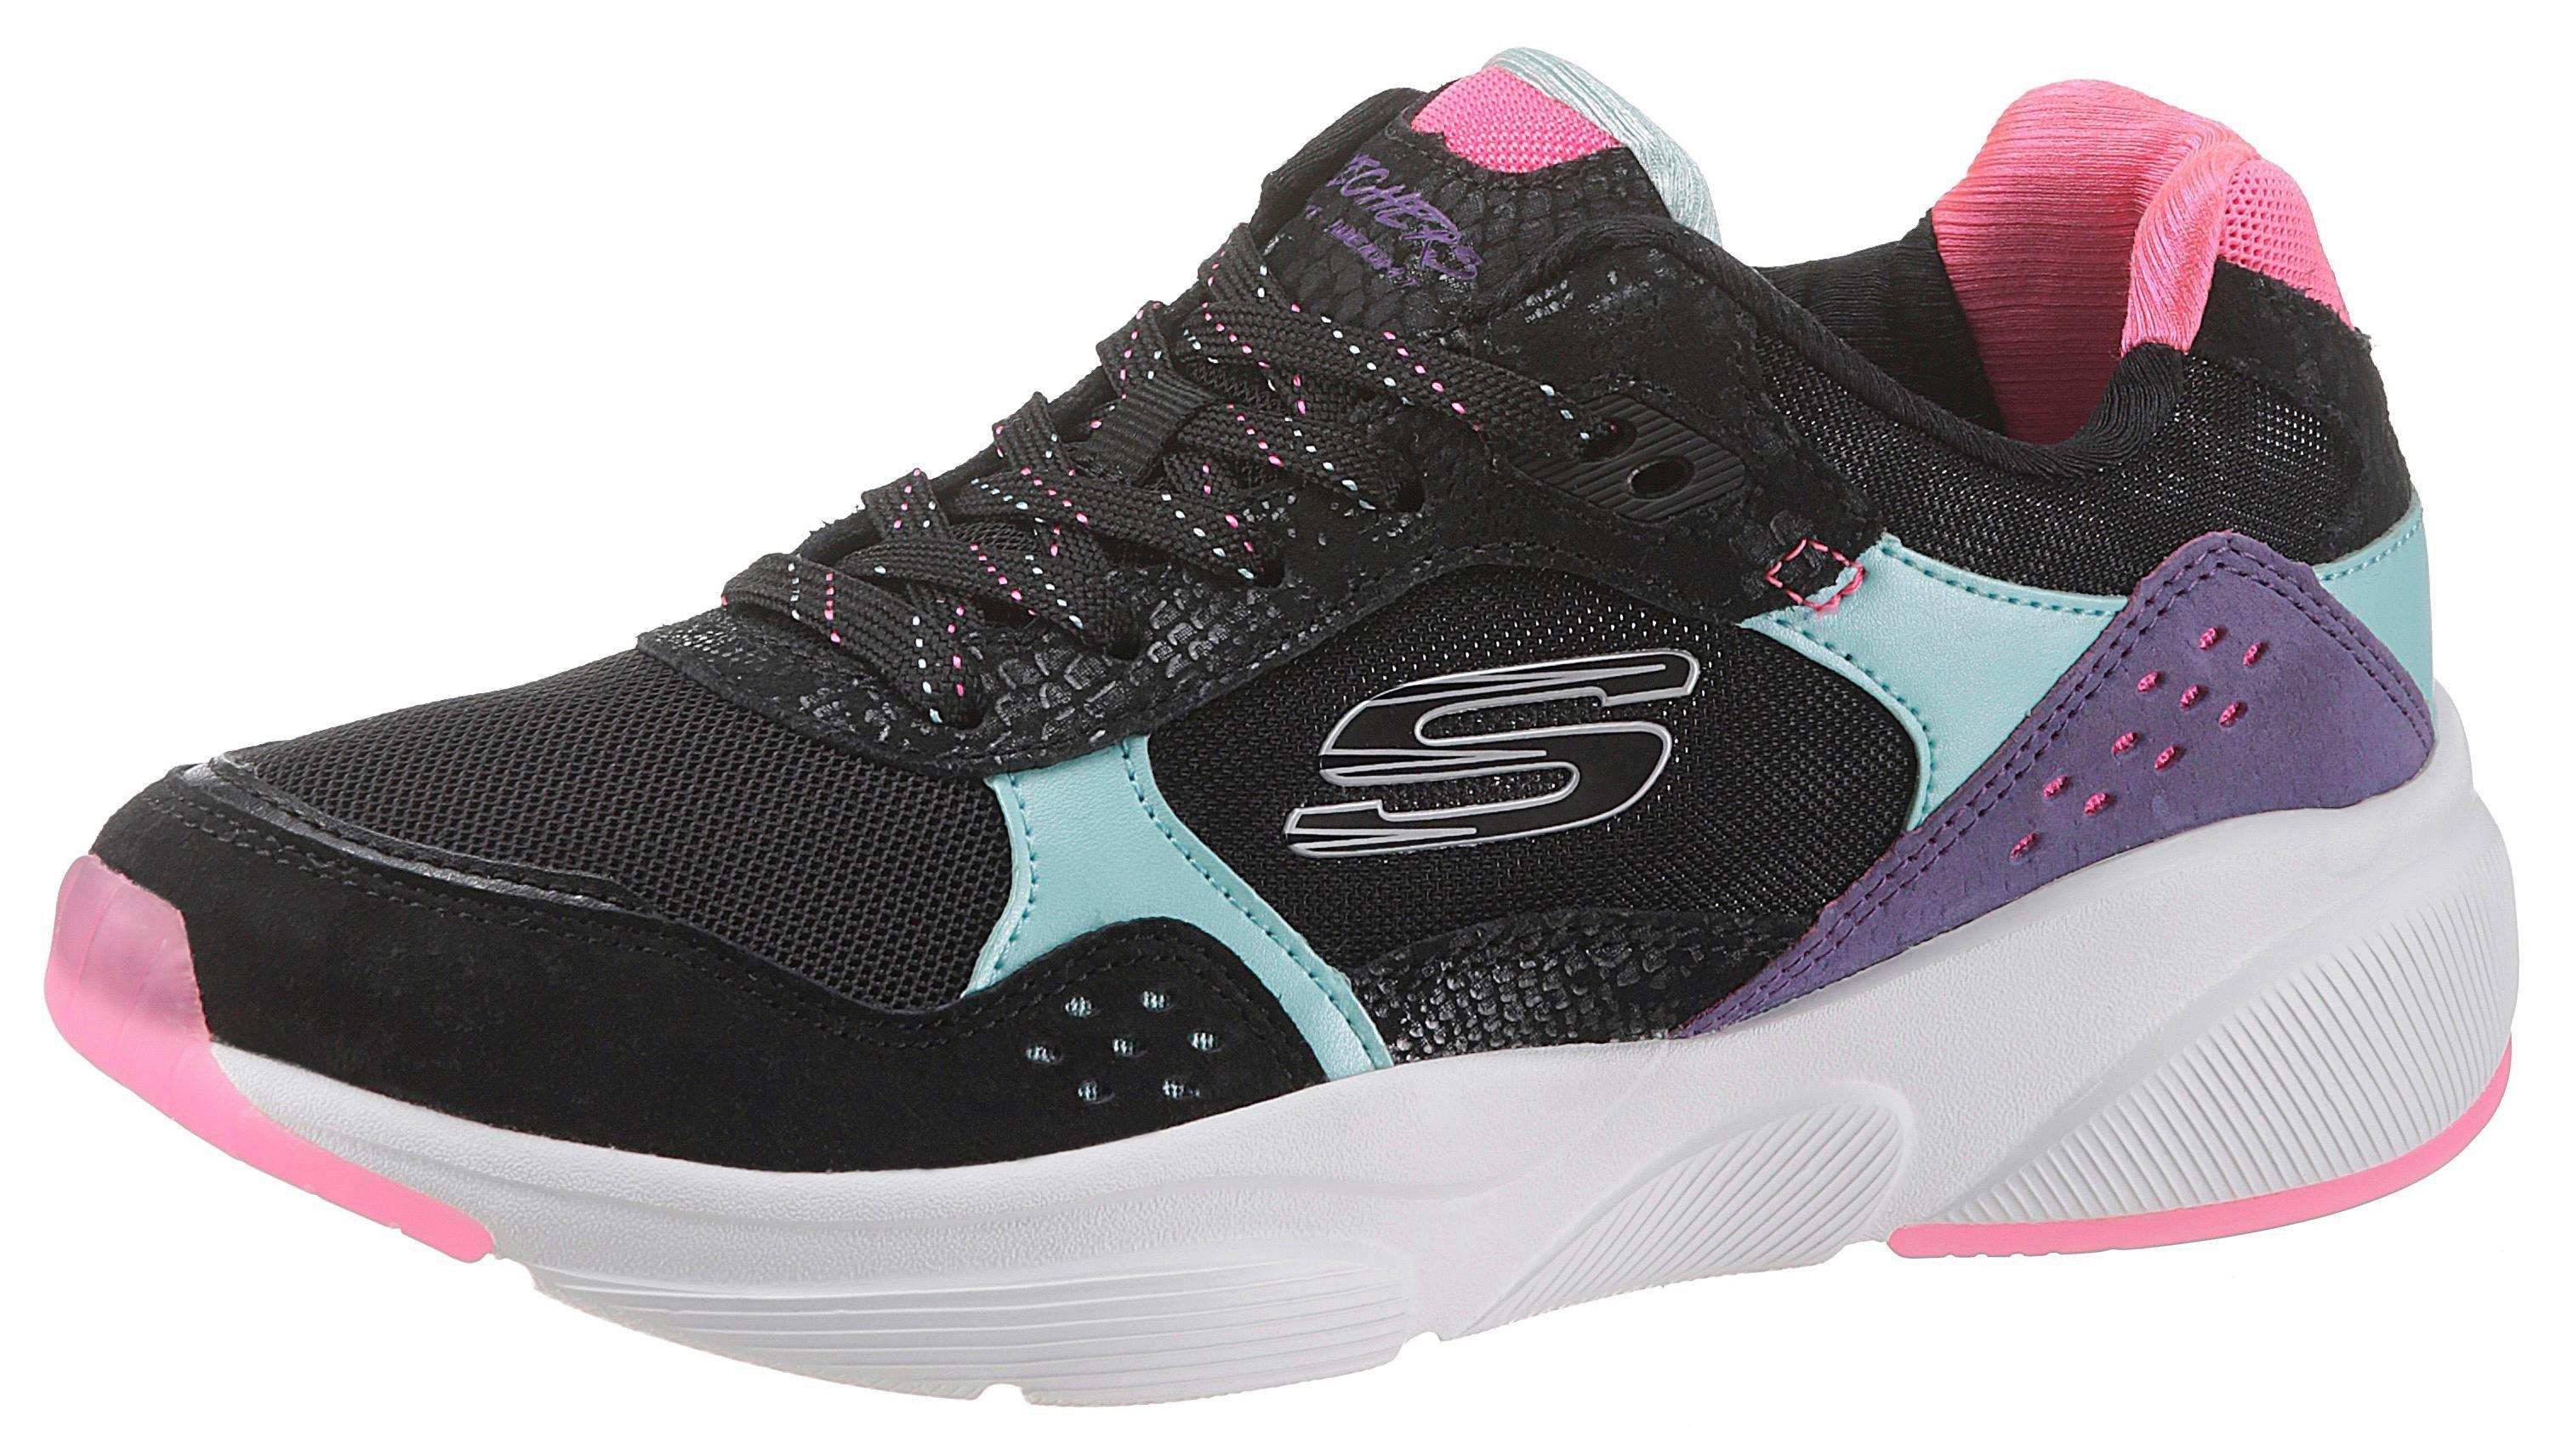 Skechers »Meridian No Worries« Sneaker in toller Farbkombi online kaufen | OTTO